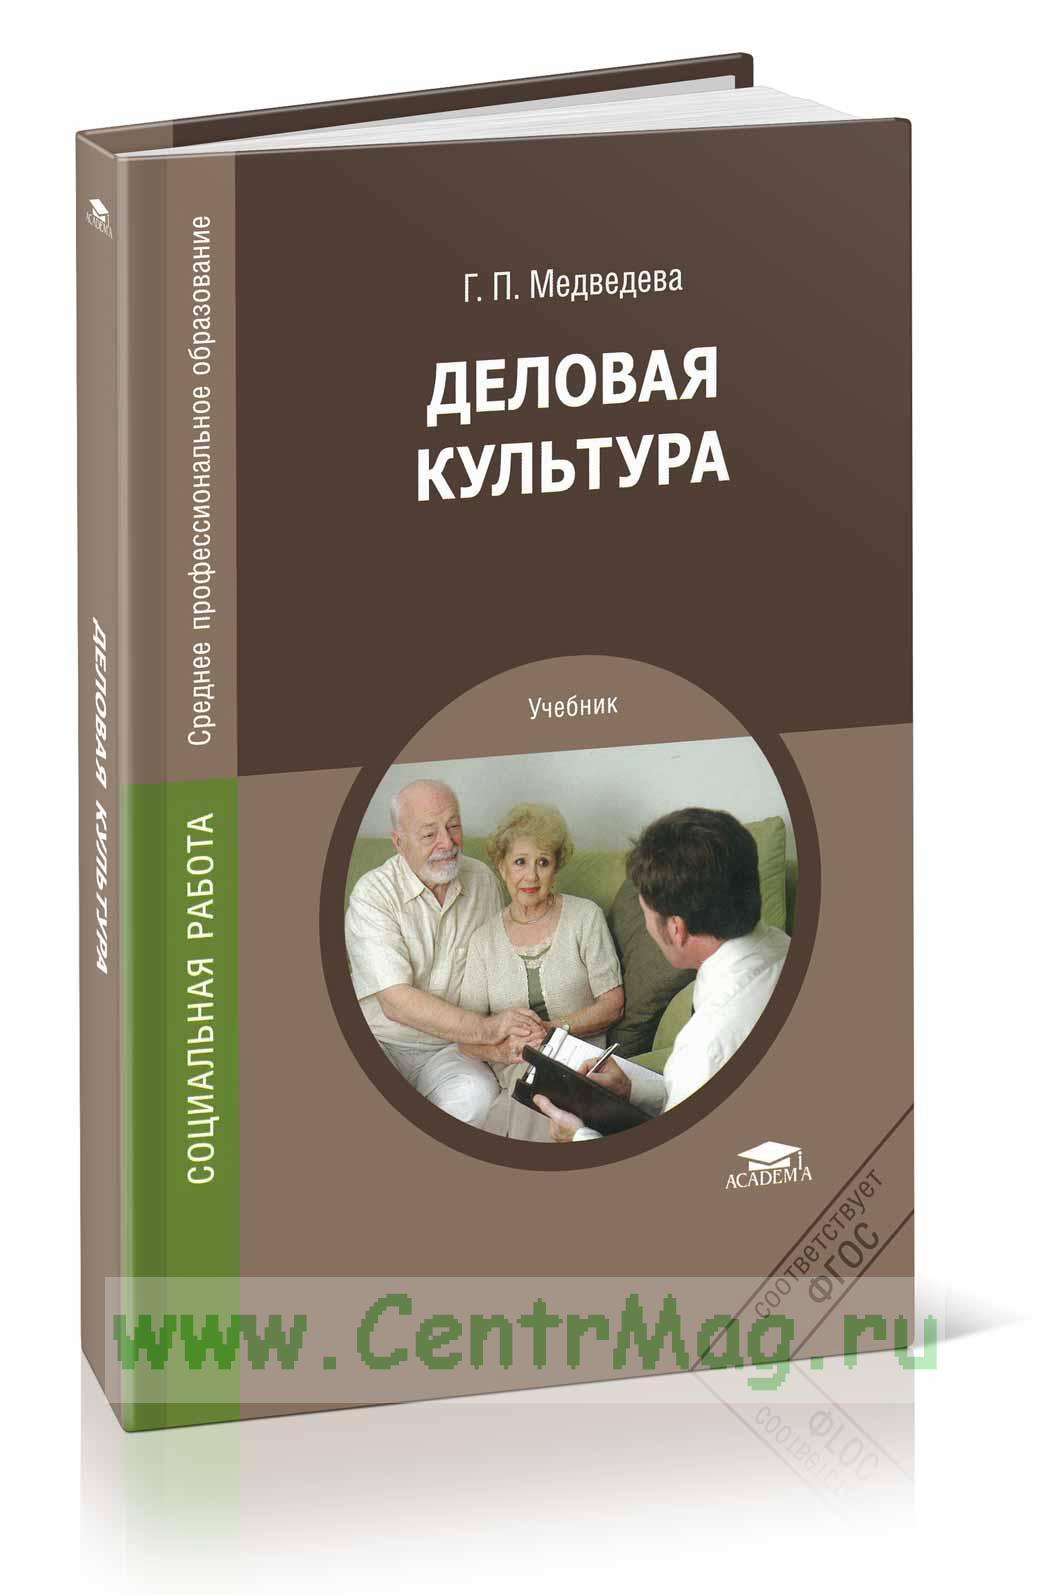 Деловая культура: учебник (4-е издание, стереотипное)